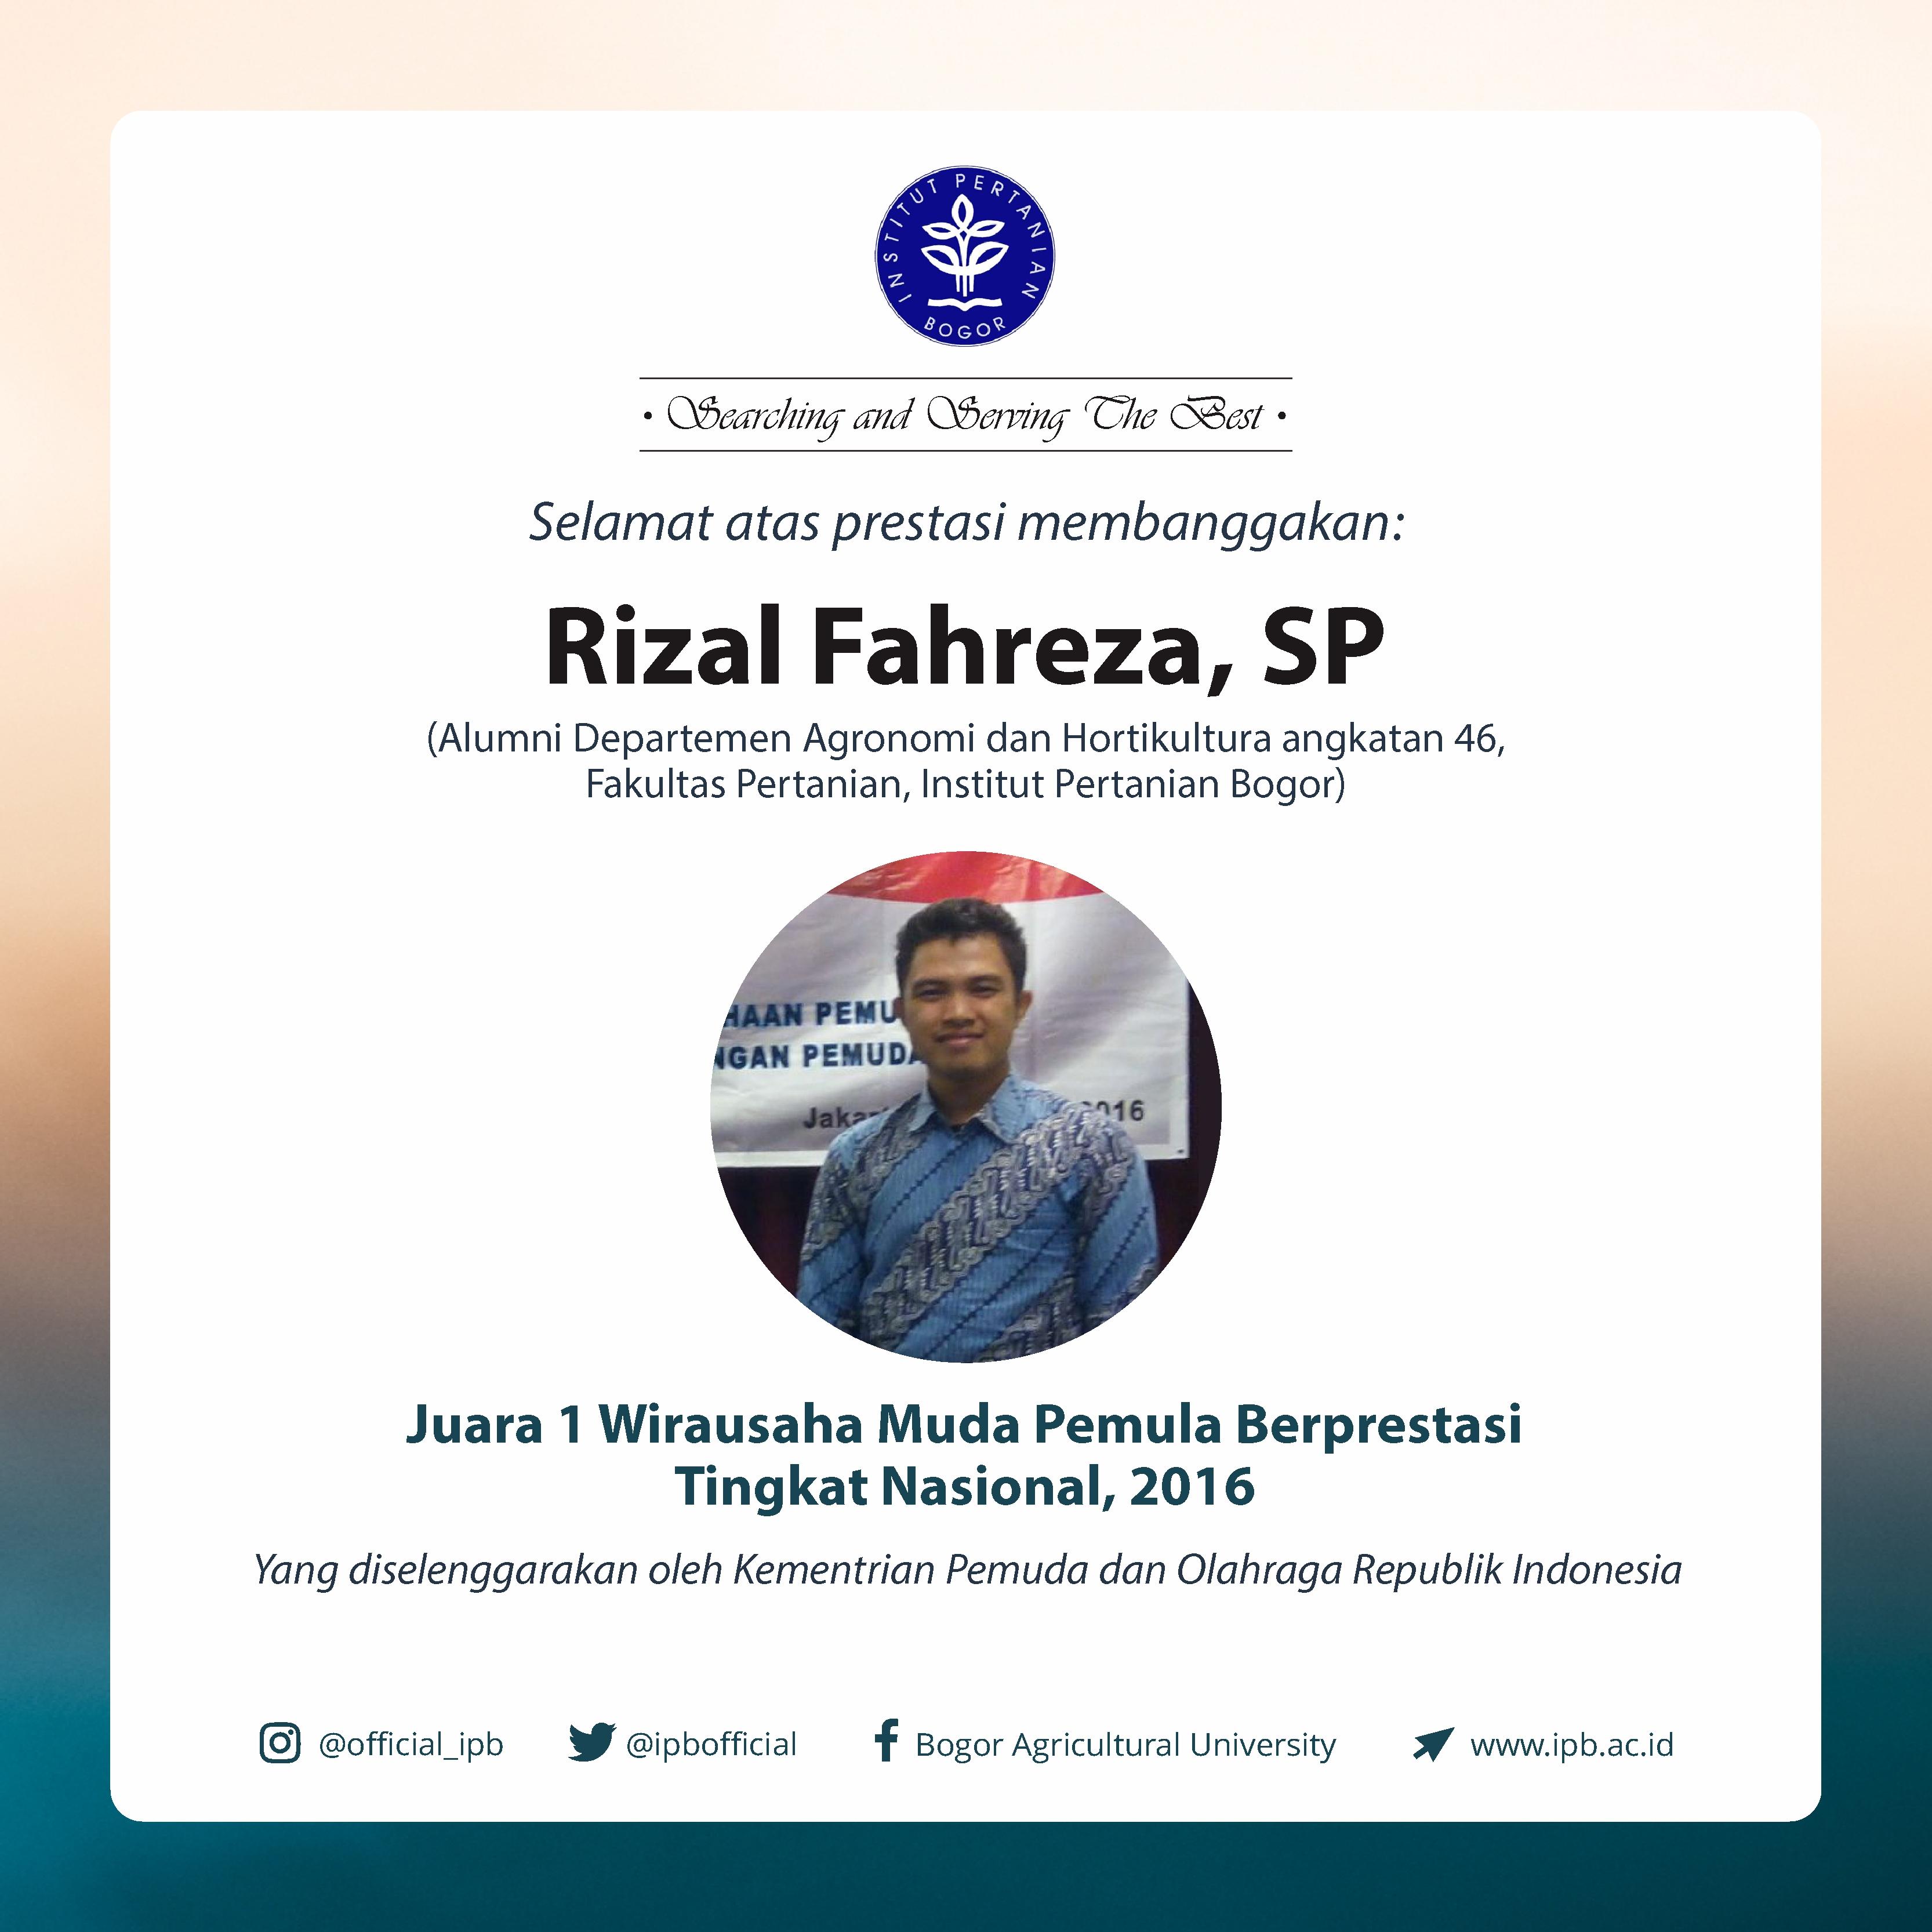 Selamat atas prestasi membanggakan Rizal Fahreza, SP sebagai Juara 1 Wirausaha Muda Pemula Berprestasi Tingkat Nasional 2016